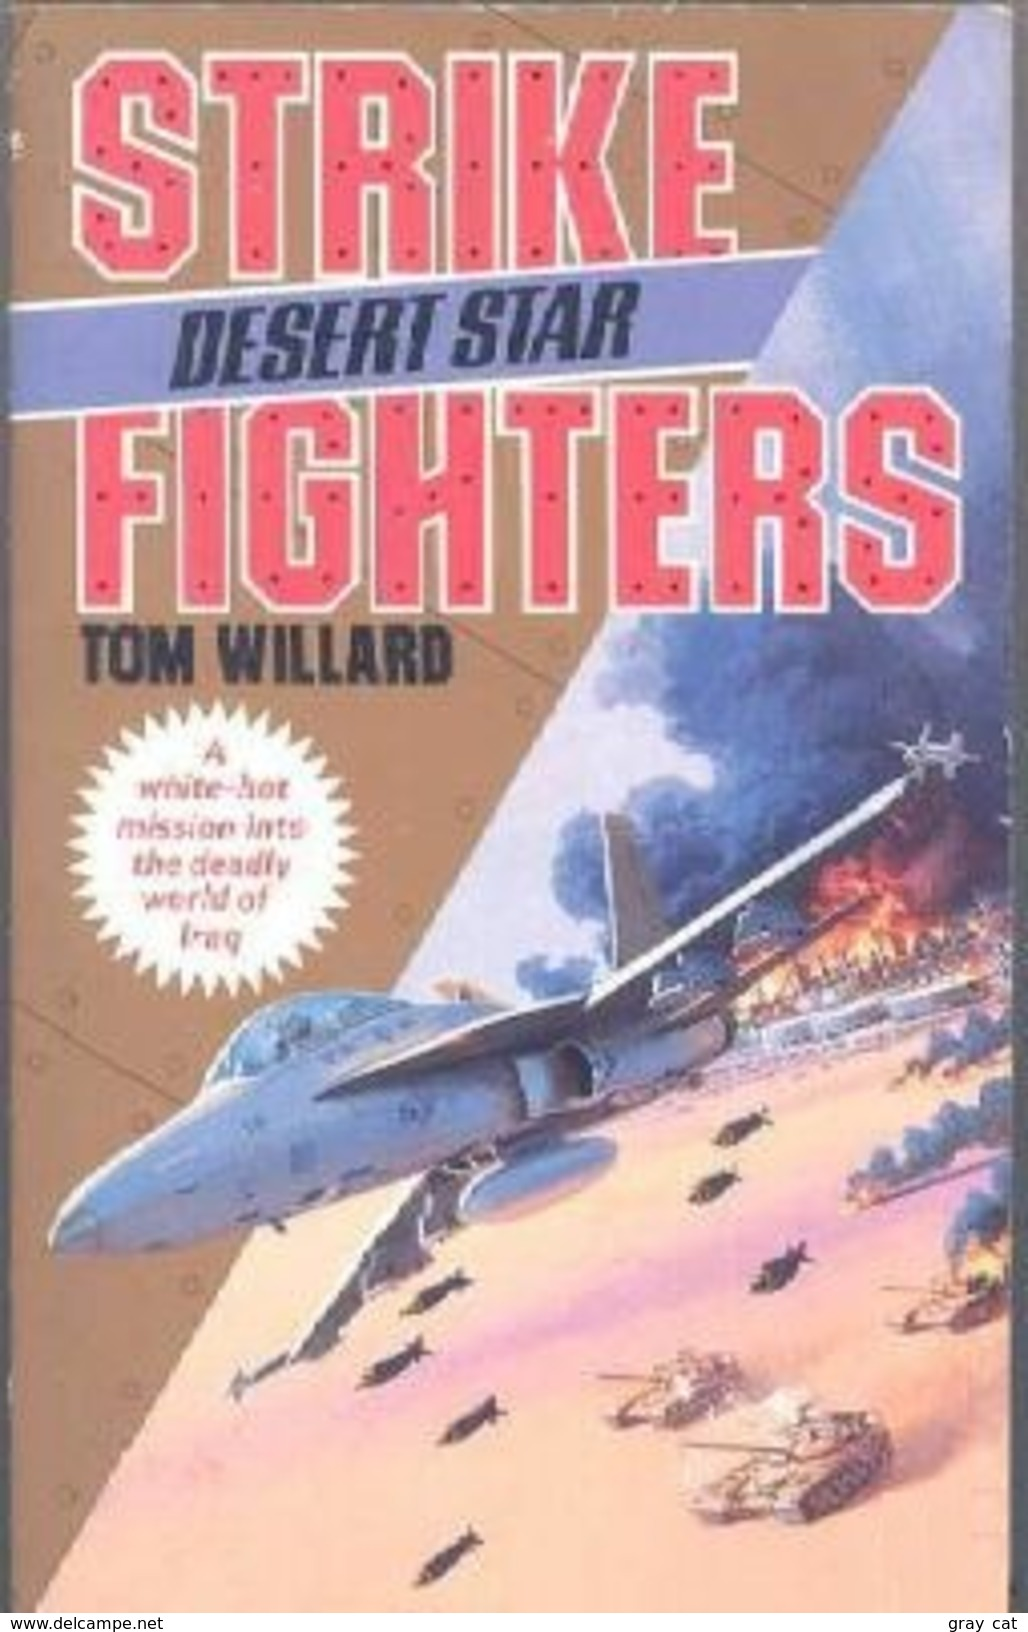 STRIKE FIGHTERS By Willard, Tom (ISBN 9780061001932) - Novels